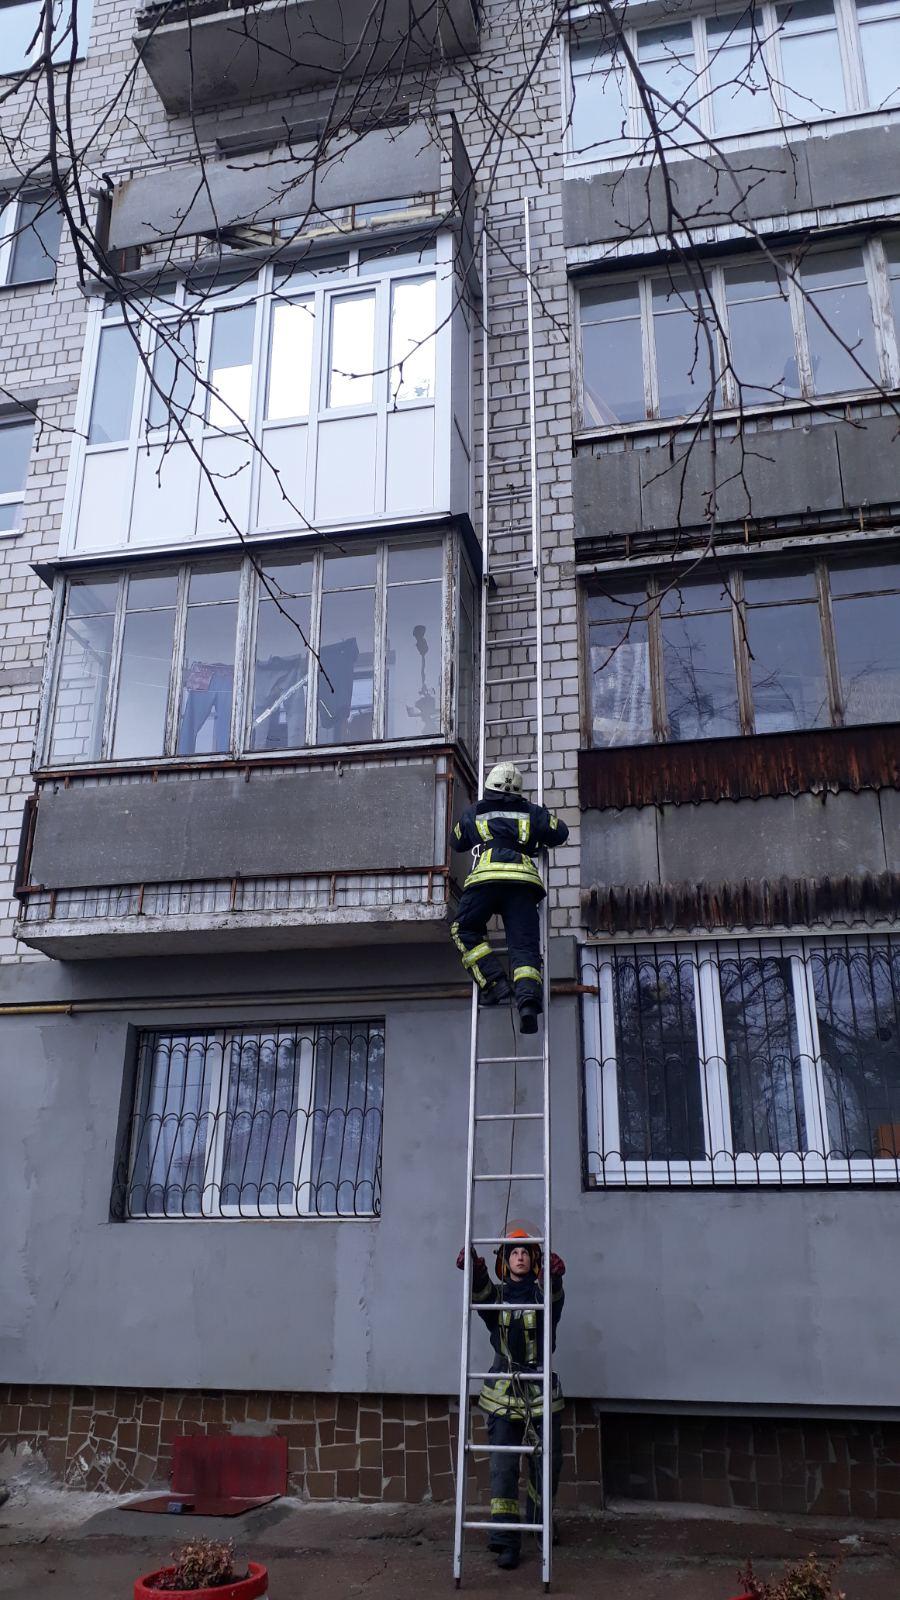 Стався інсульт: в Ірпені рятувальники, піднявшись по драбині, визволили чоловіка з квартири -  - 0 02 0a 6e23815e03e7b0460d82777e45fa6a82ee5e6c51f2524043f6839d9e6b56a030 7461f75e